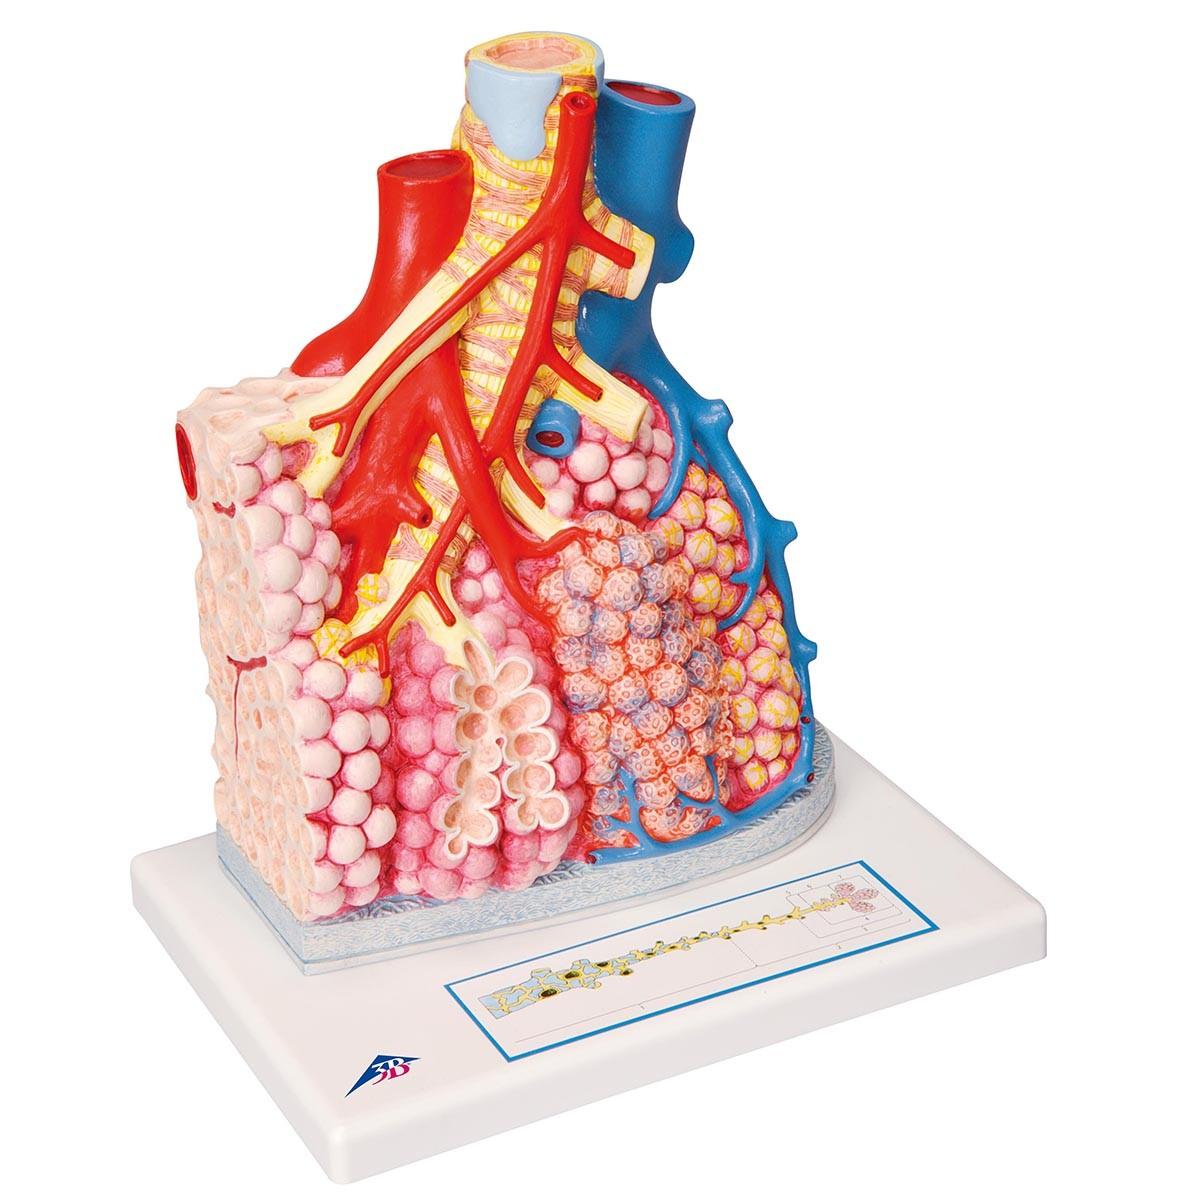 Lungenläppchen mit umgebenden Blutgefäßen